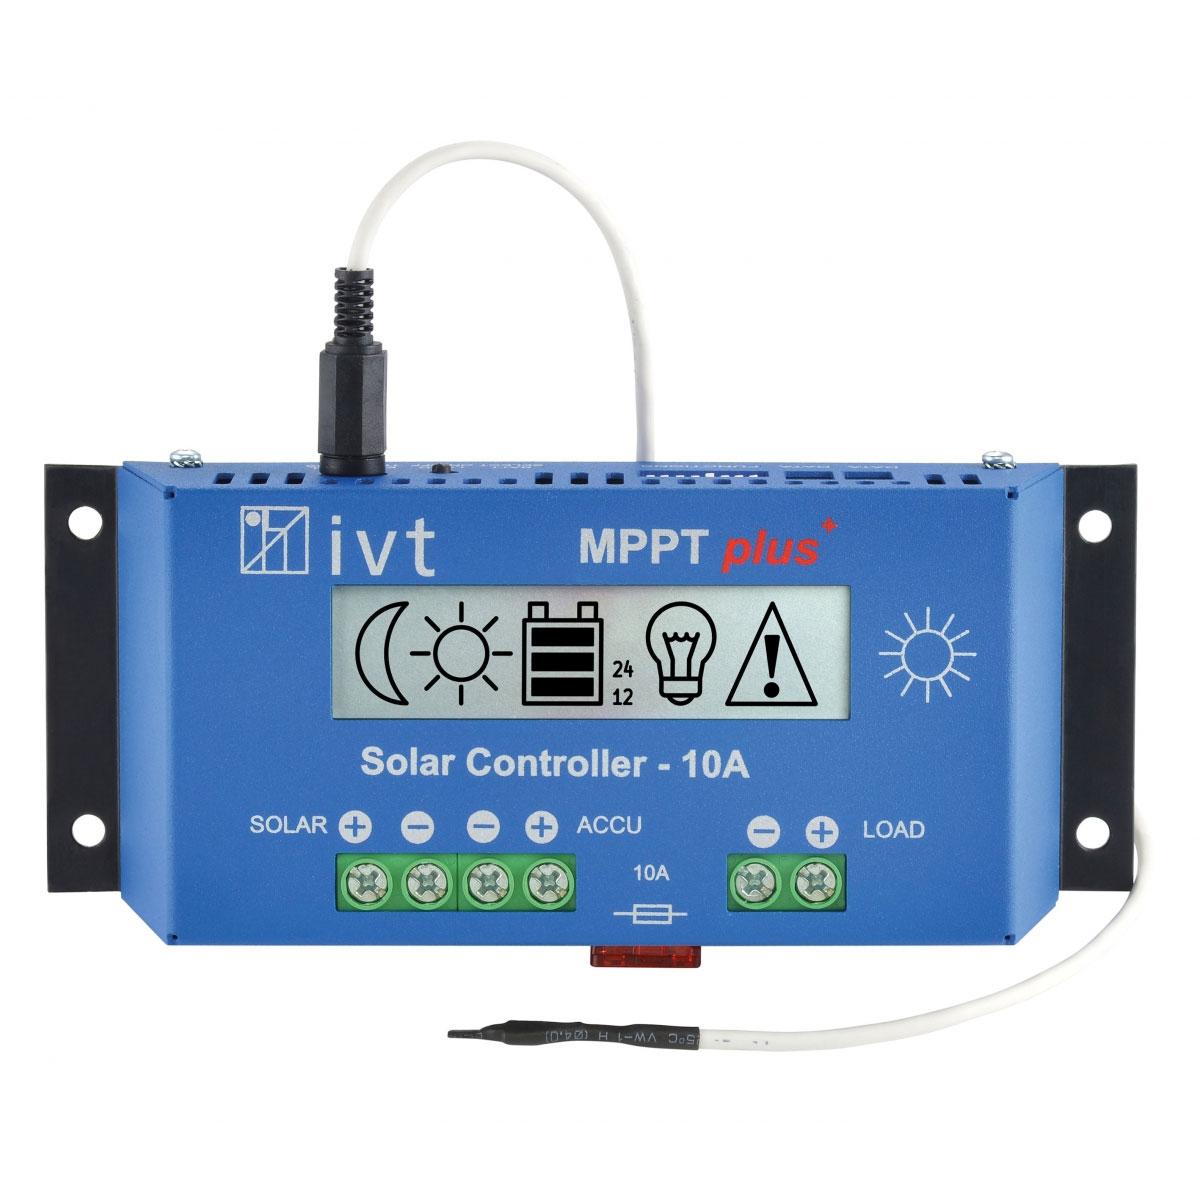 MPPTplus+10A napelemes töltésvezérlő